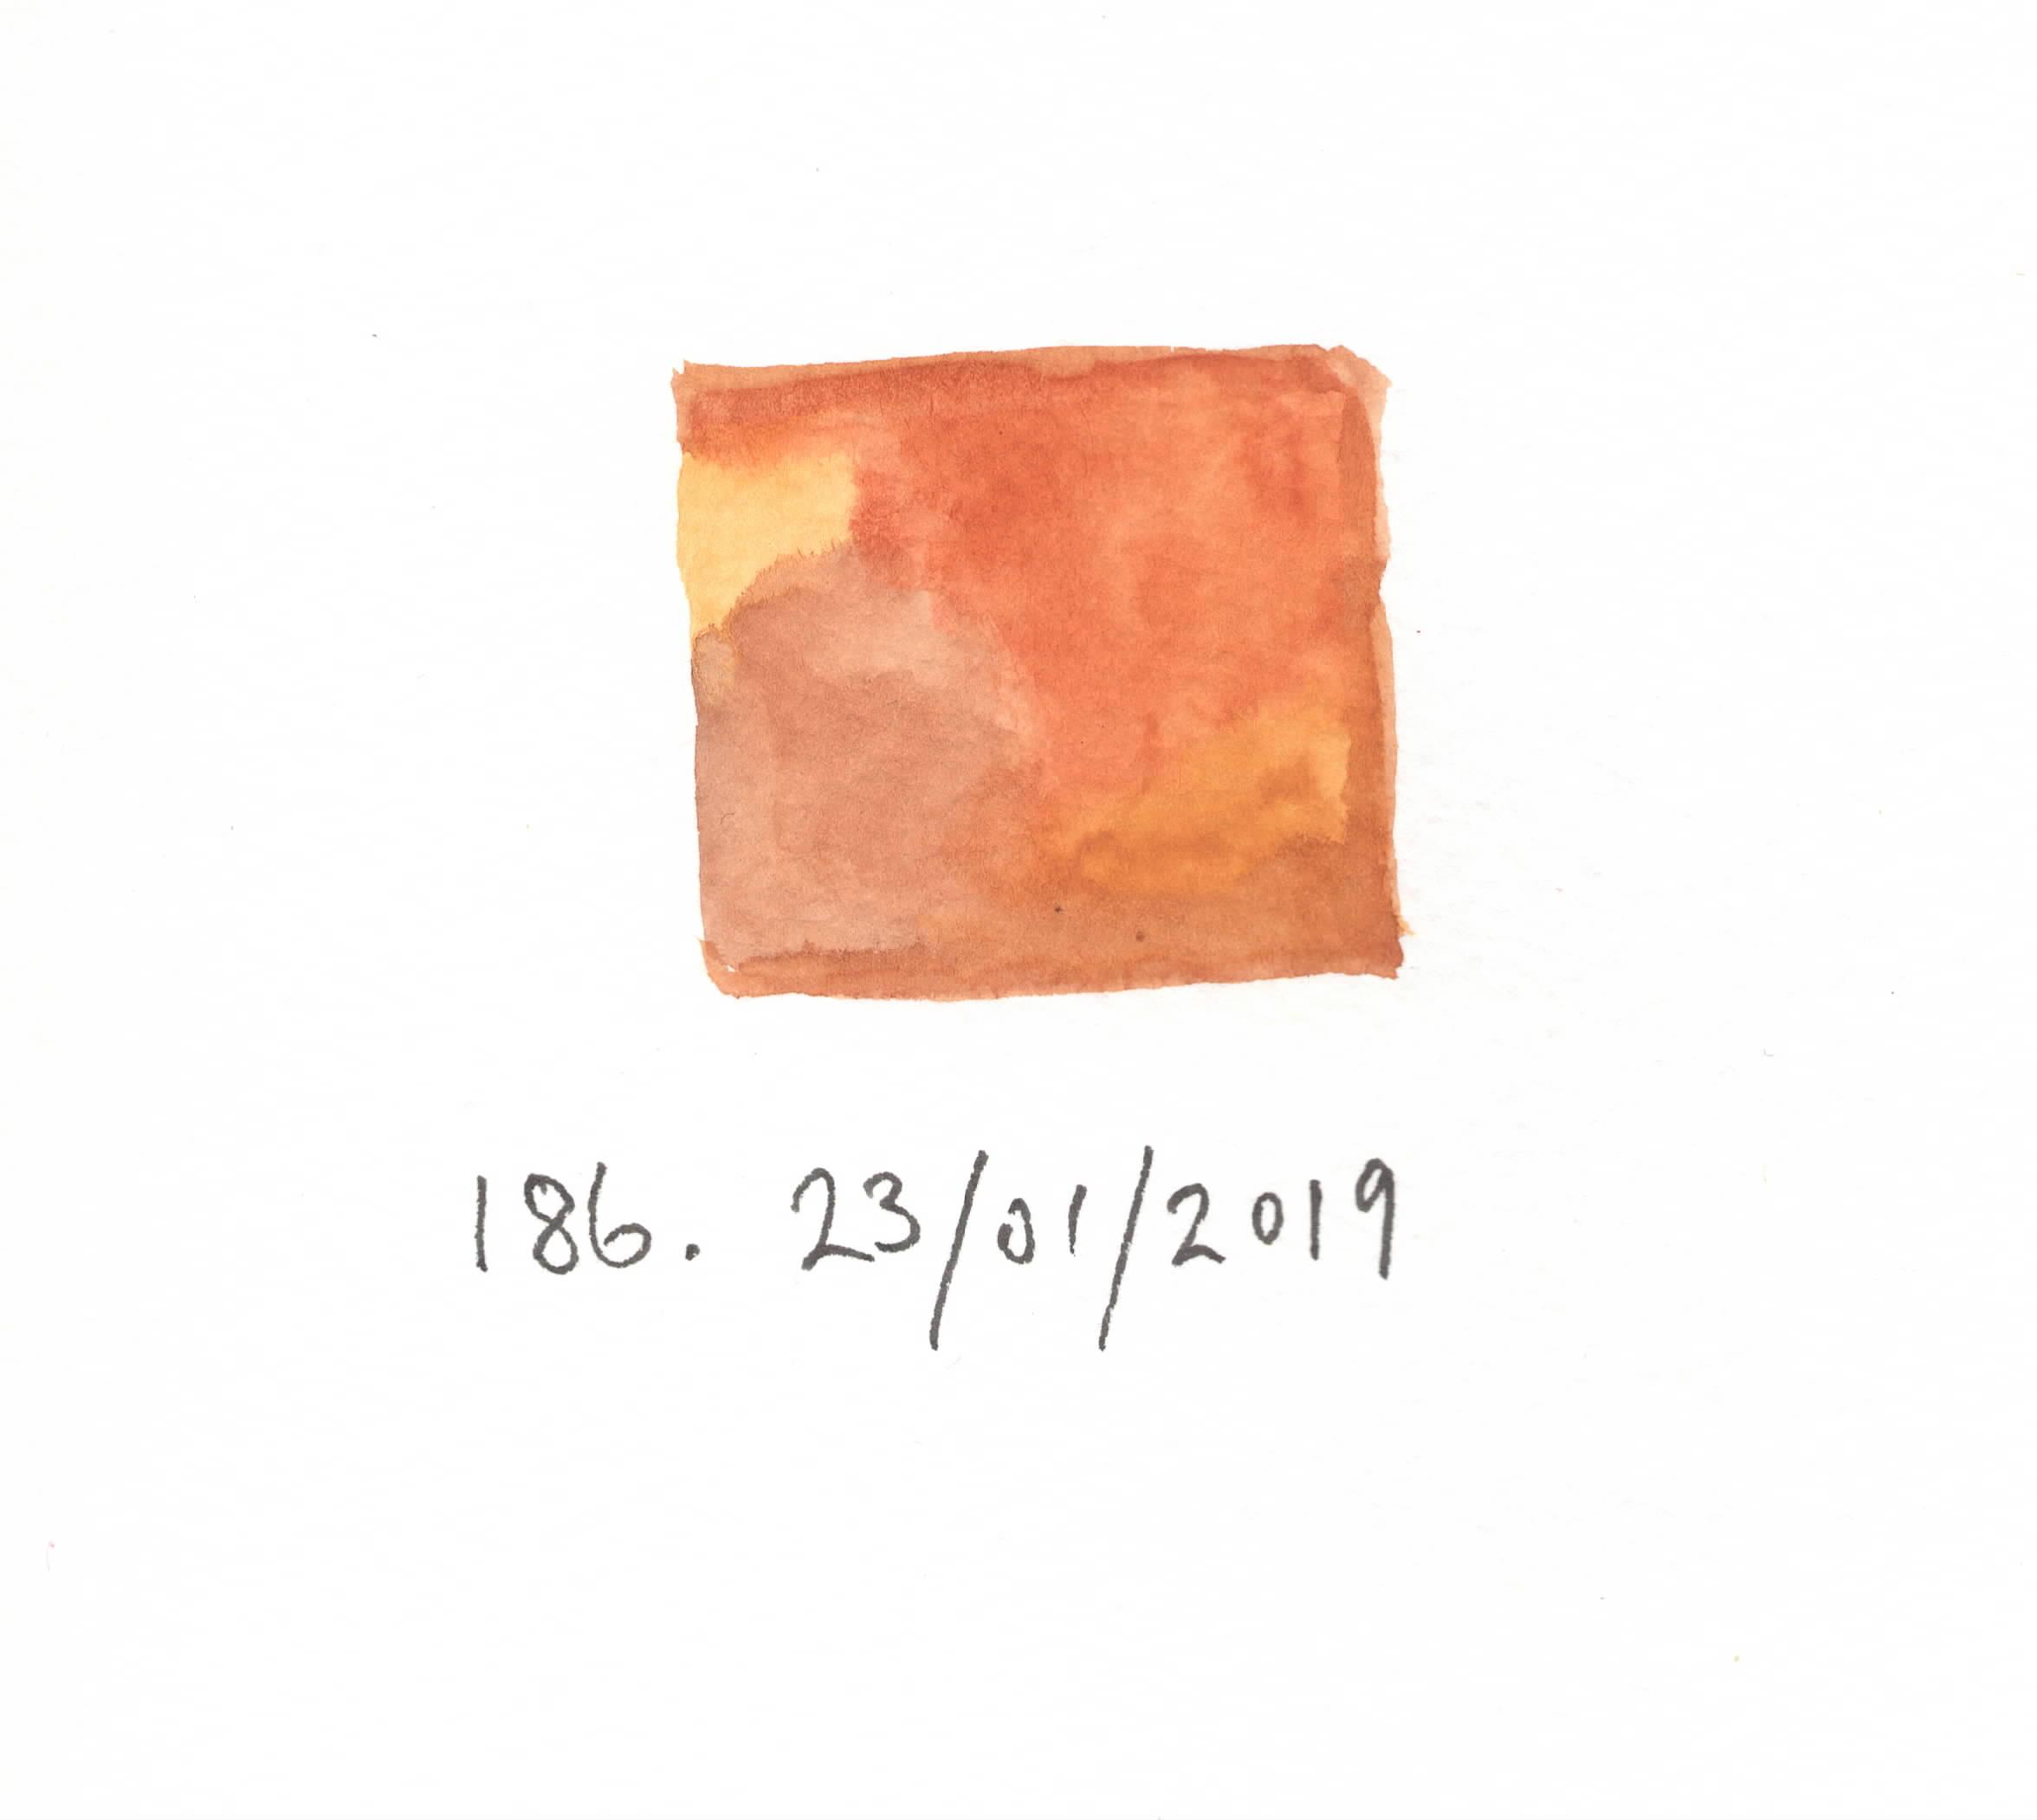 186.jpeg